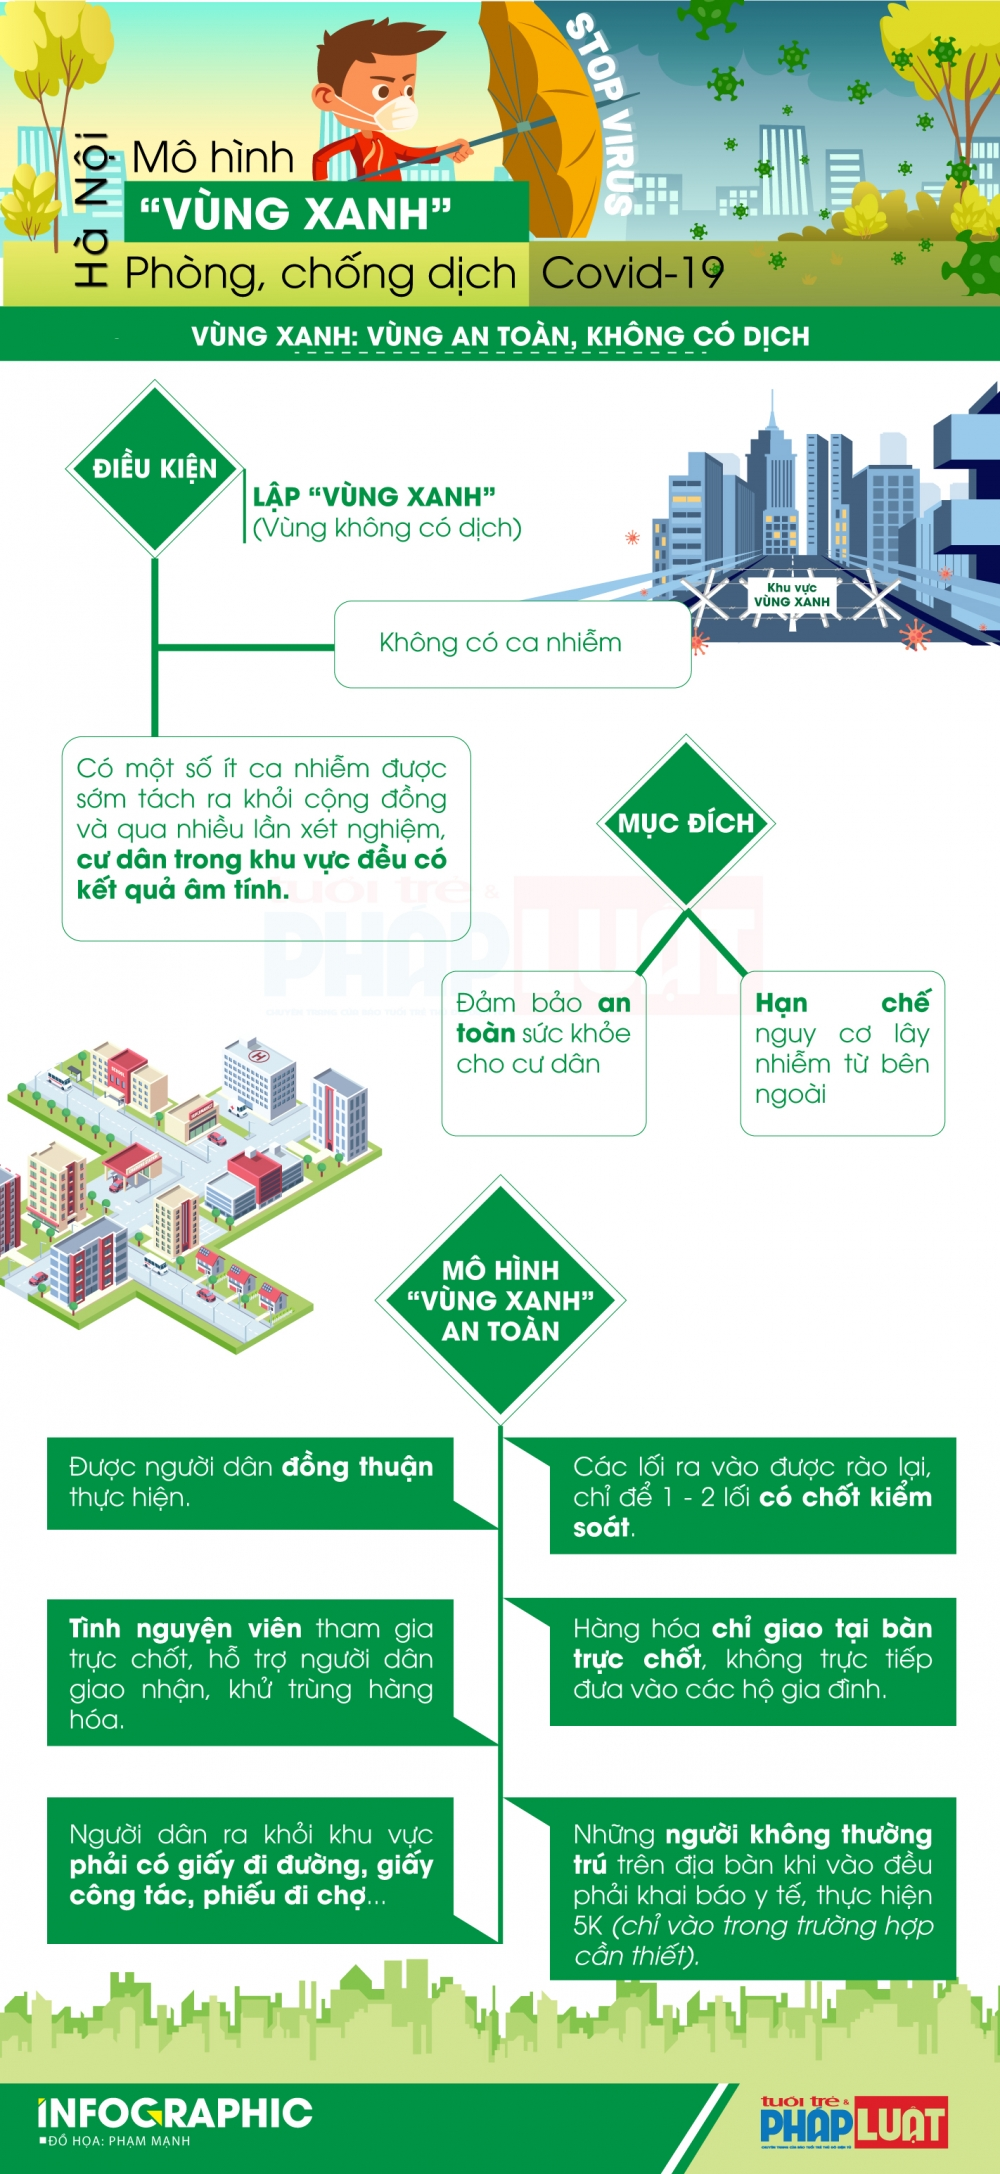 Infographic: Hà Nội thiết lập